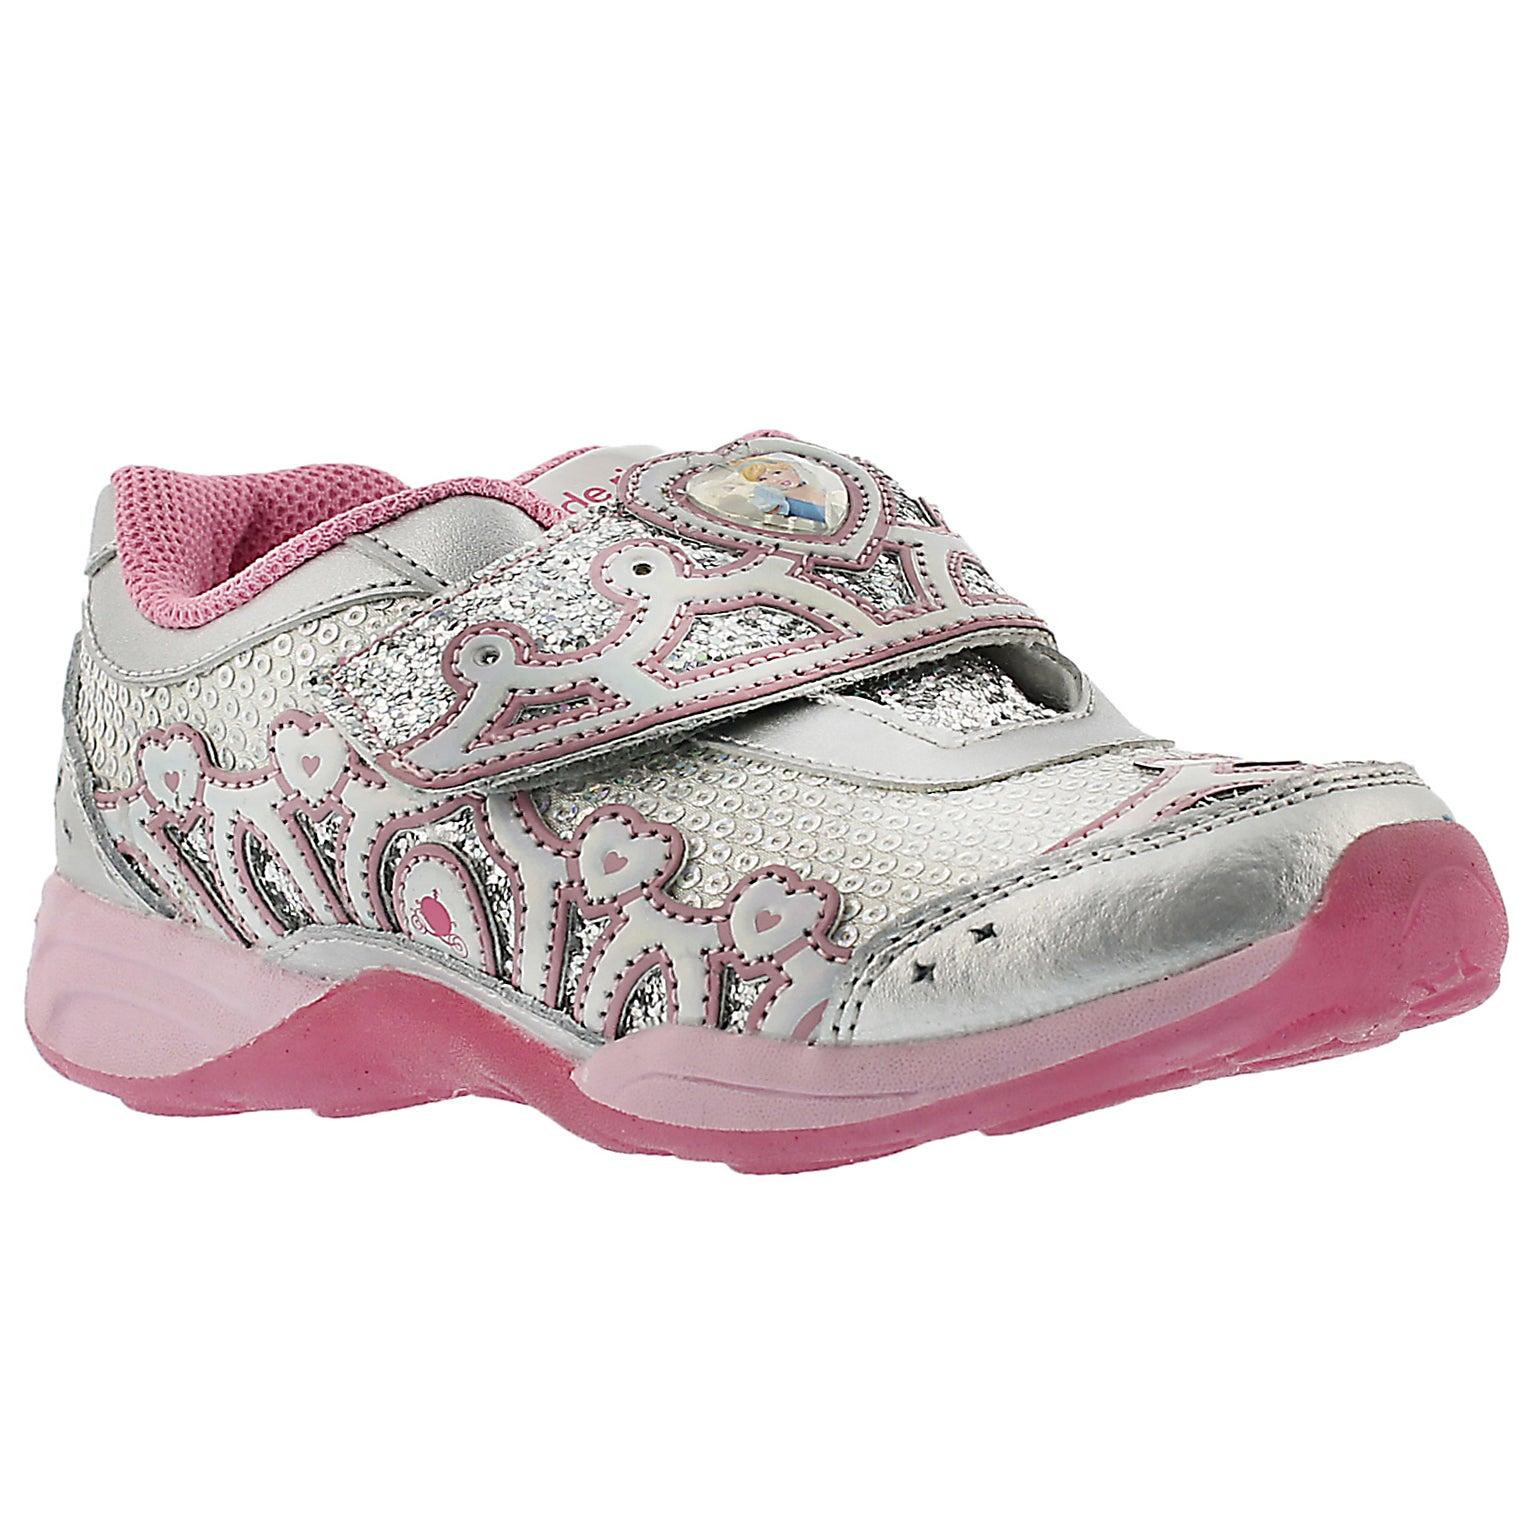 Grls Disney Cinderella silver sneaker